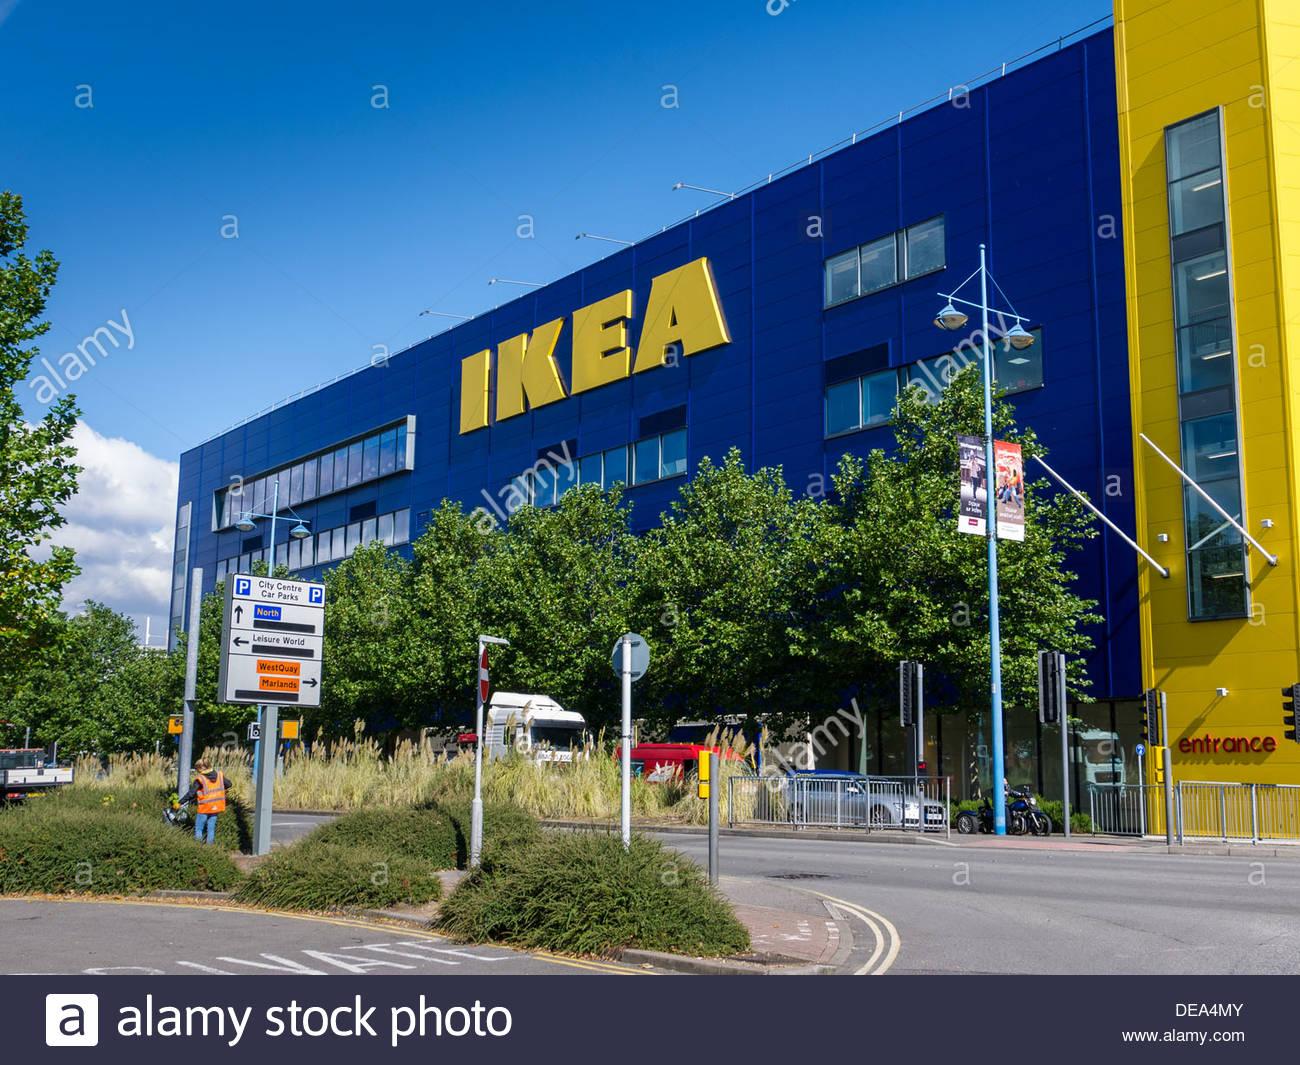 Large Ikea Swedish Store Southampton England UK - Stock Image